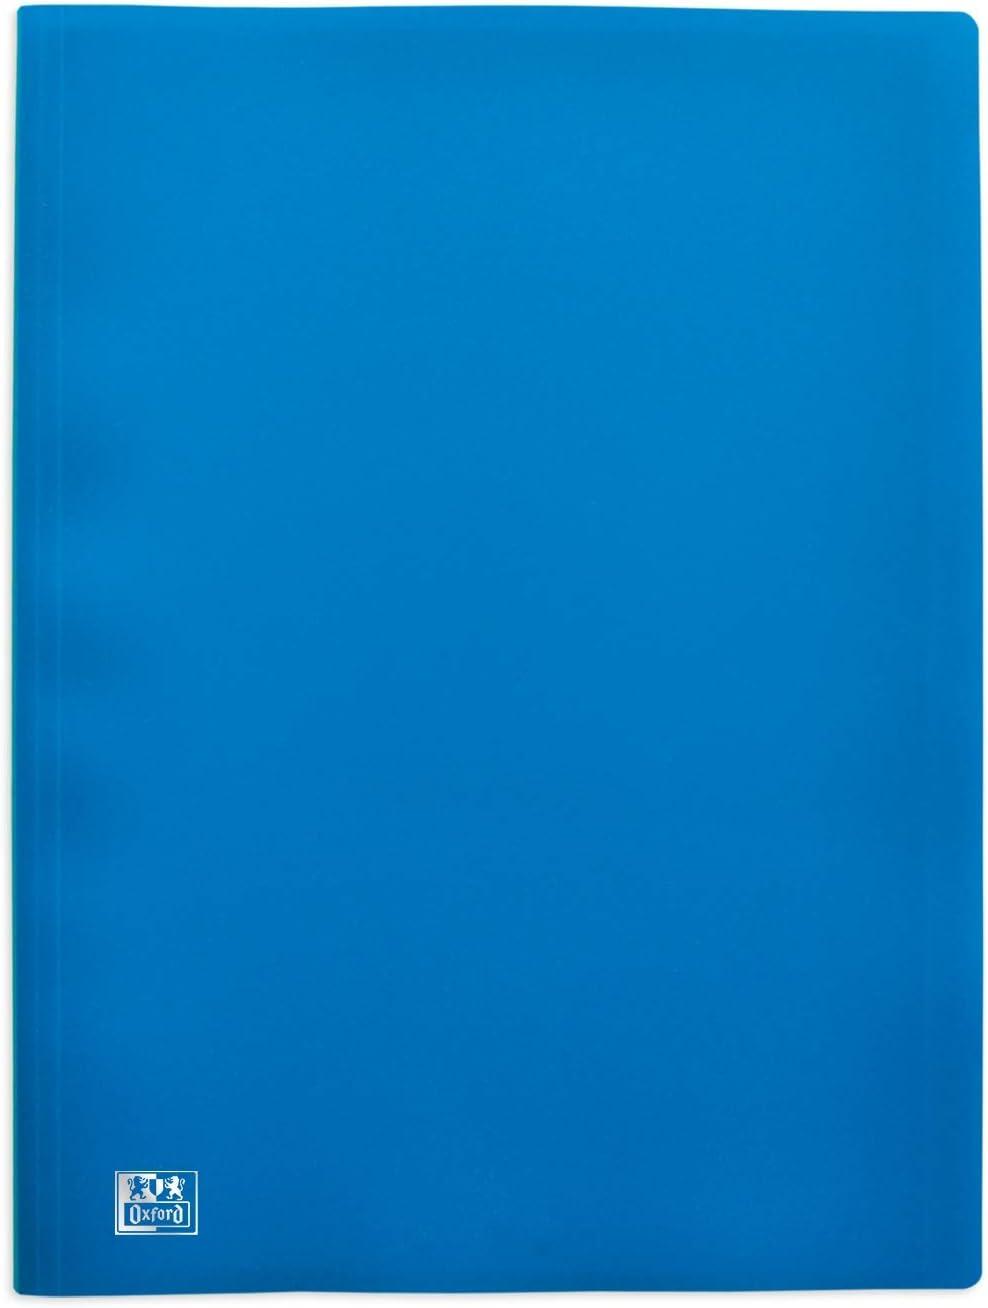 Elba Cartella/con 30 porta-documenti in polipropilene opaco formato A4 60 vues rosso